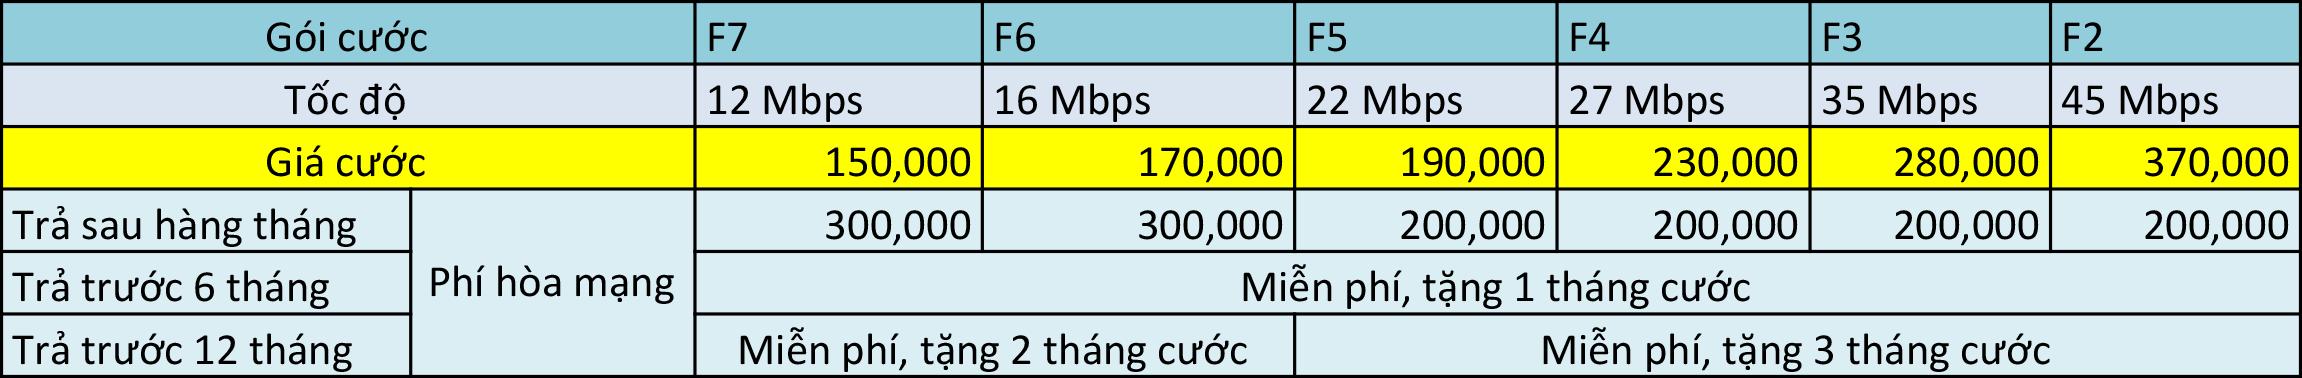 Bảng giá cước cáp quang FPT Thái BÌnh